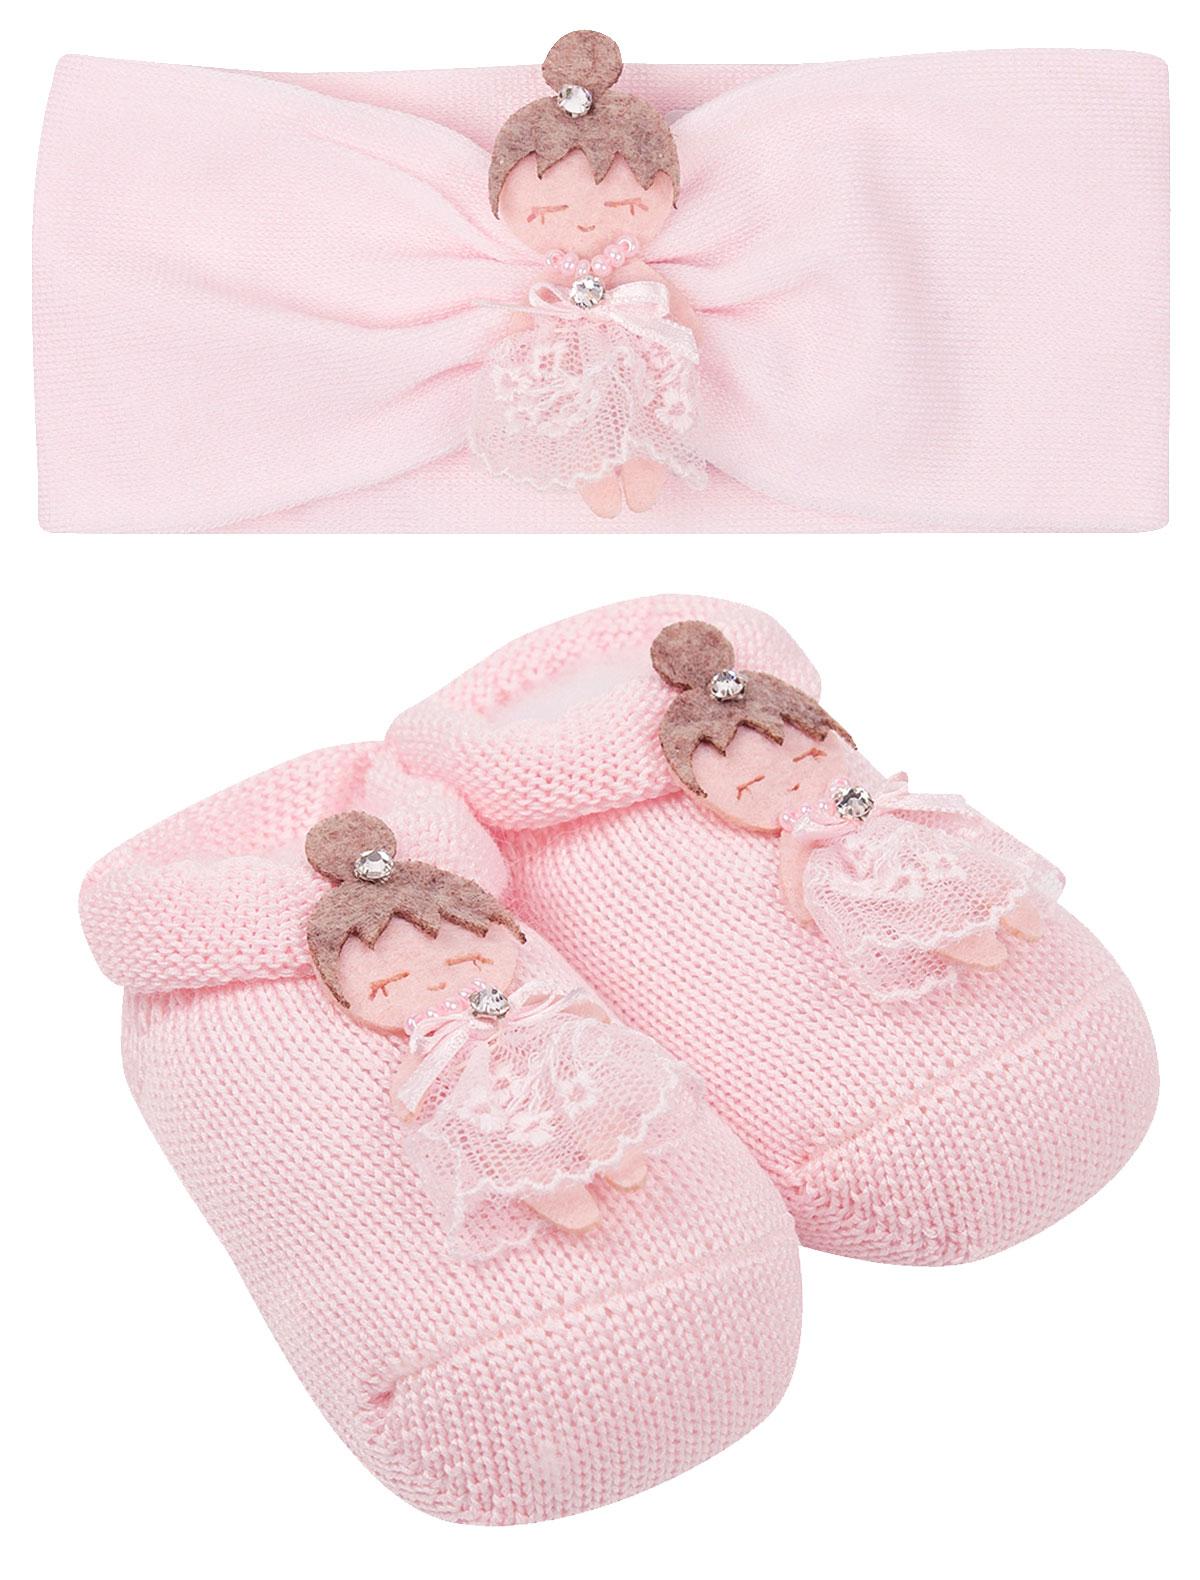 Купить 2223425, Комплект аксессуаров La Perla, розовый, Женский, 3004509070011